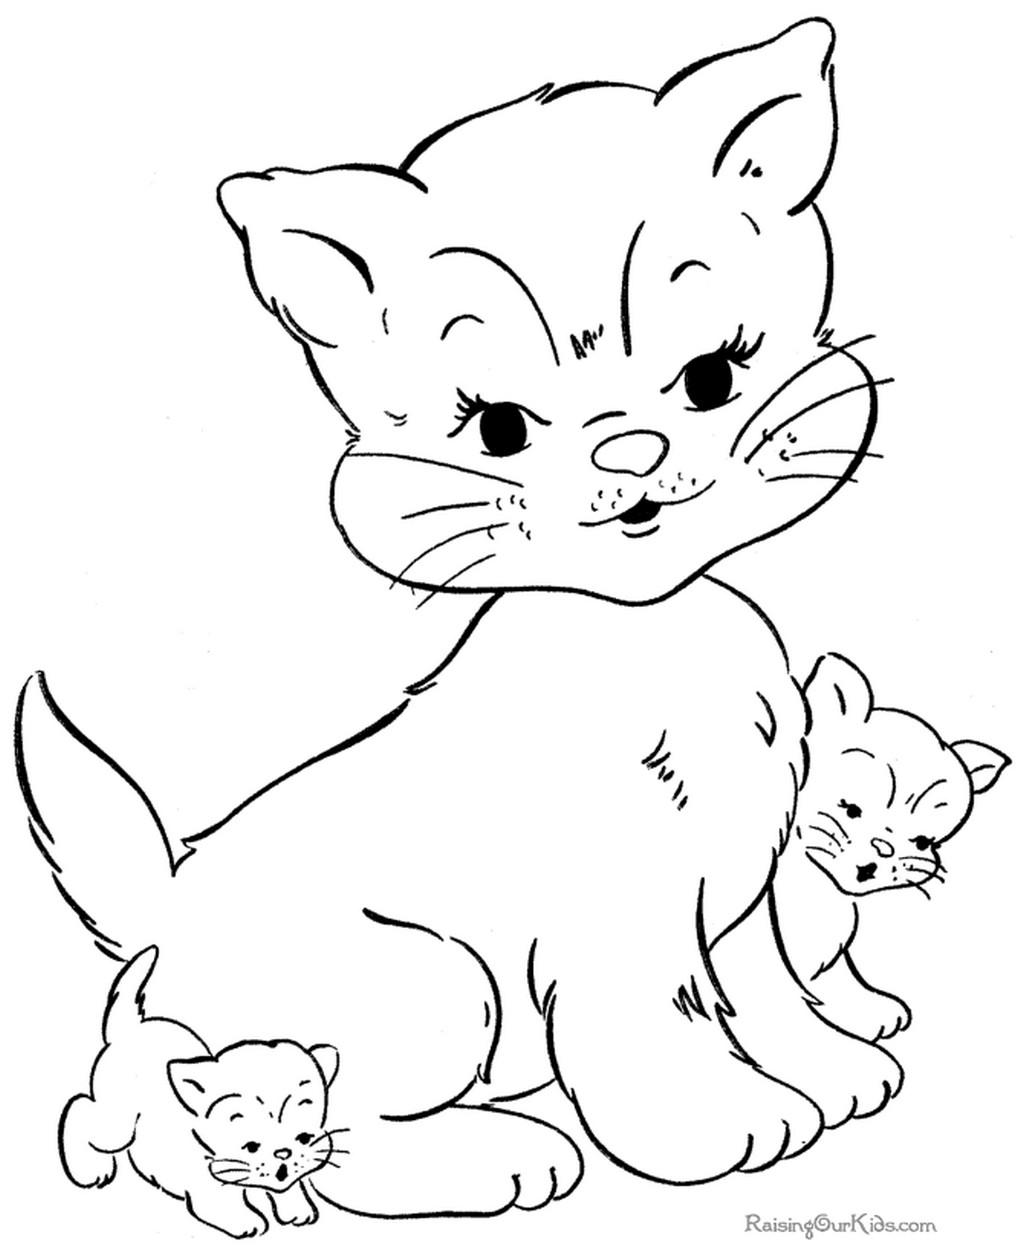 Раскраски кошку распечатать бесплатно